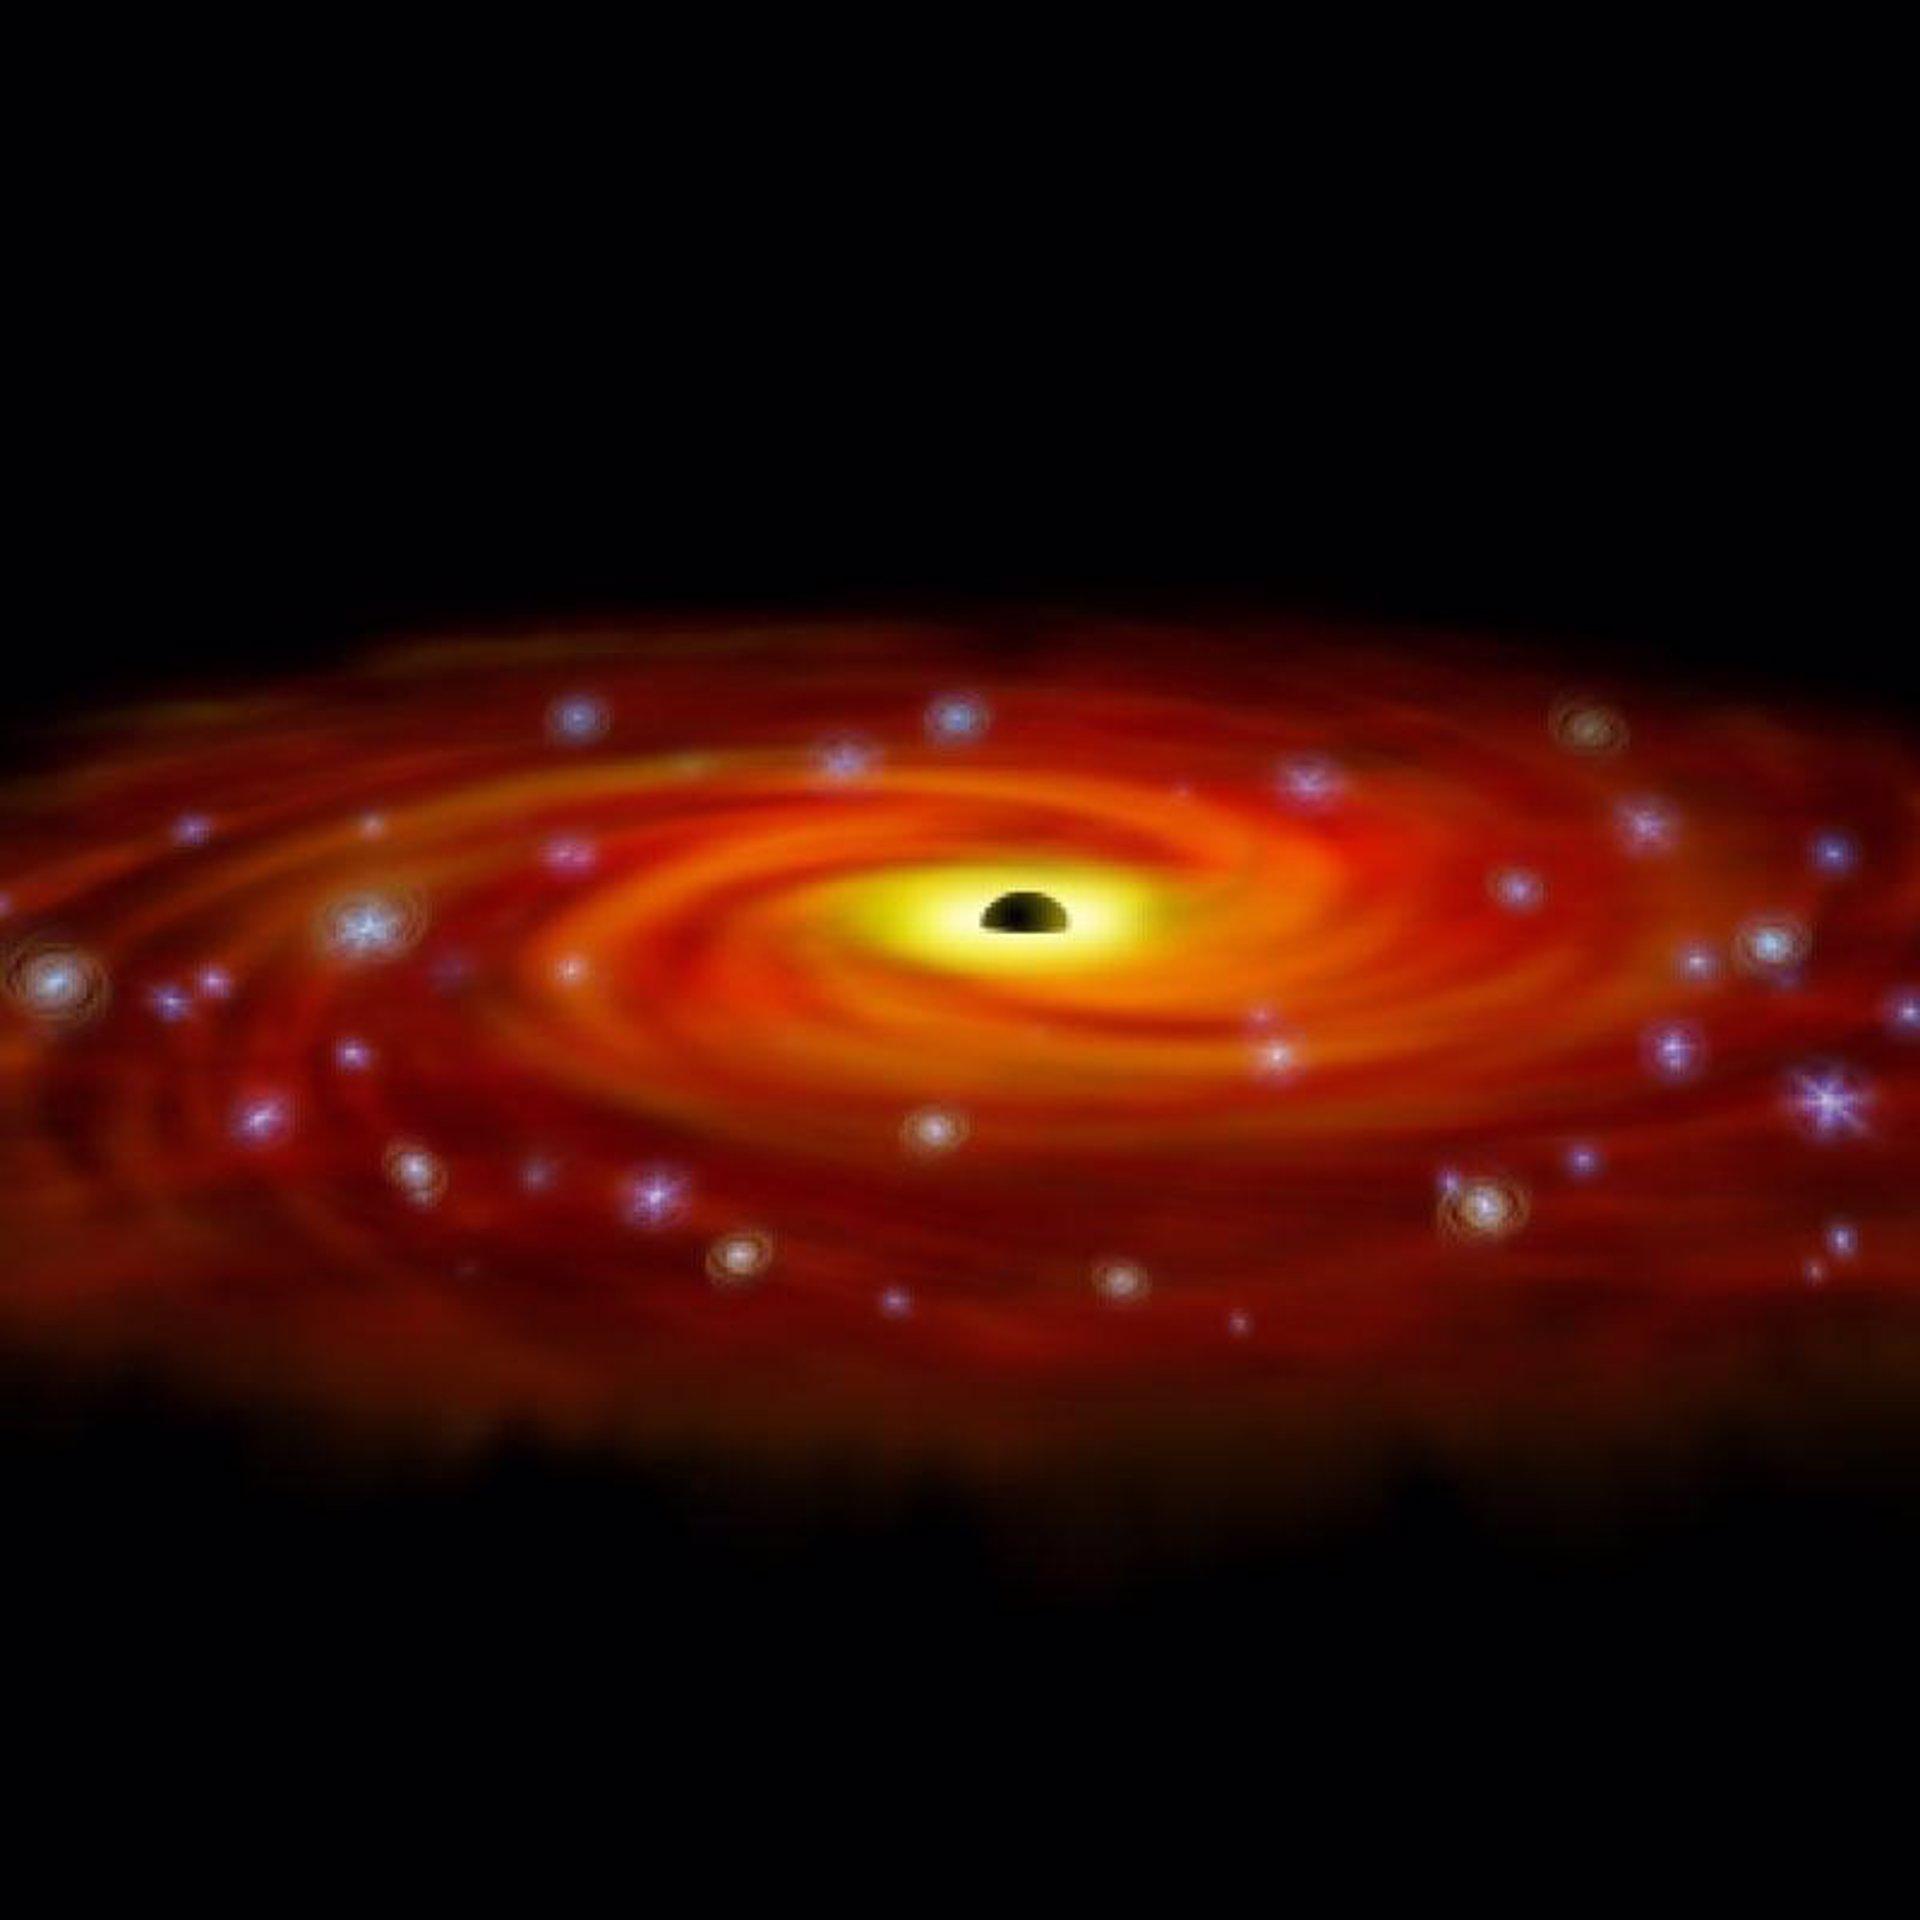 Unos 60.000 millones de planetas orbitan zona habitable solo en nuestra galaxia